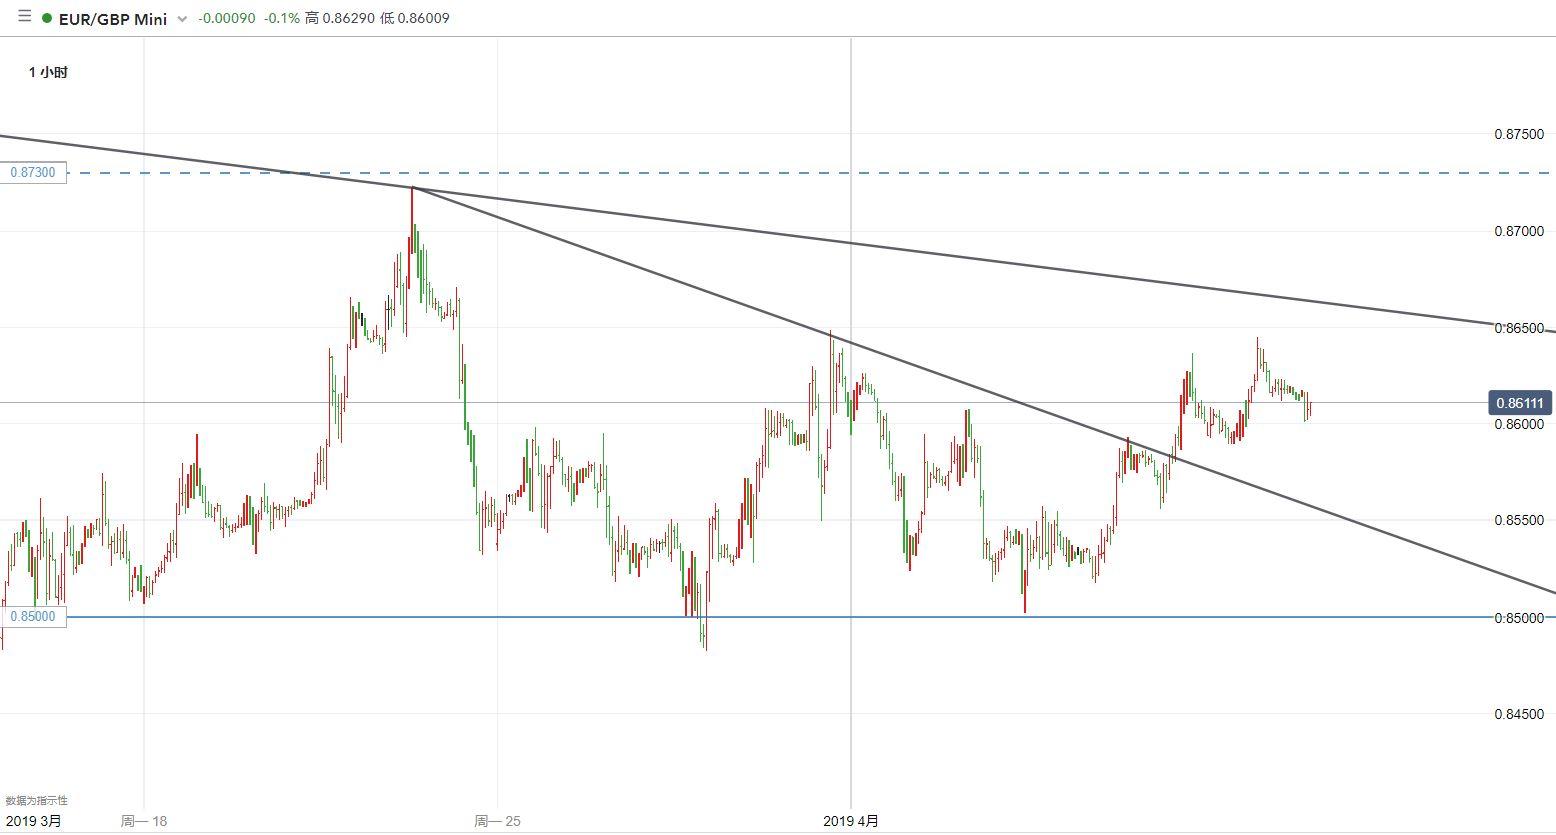 欧元/英镑技术分析:仍有继续反弹的动力